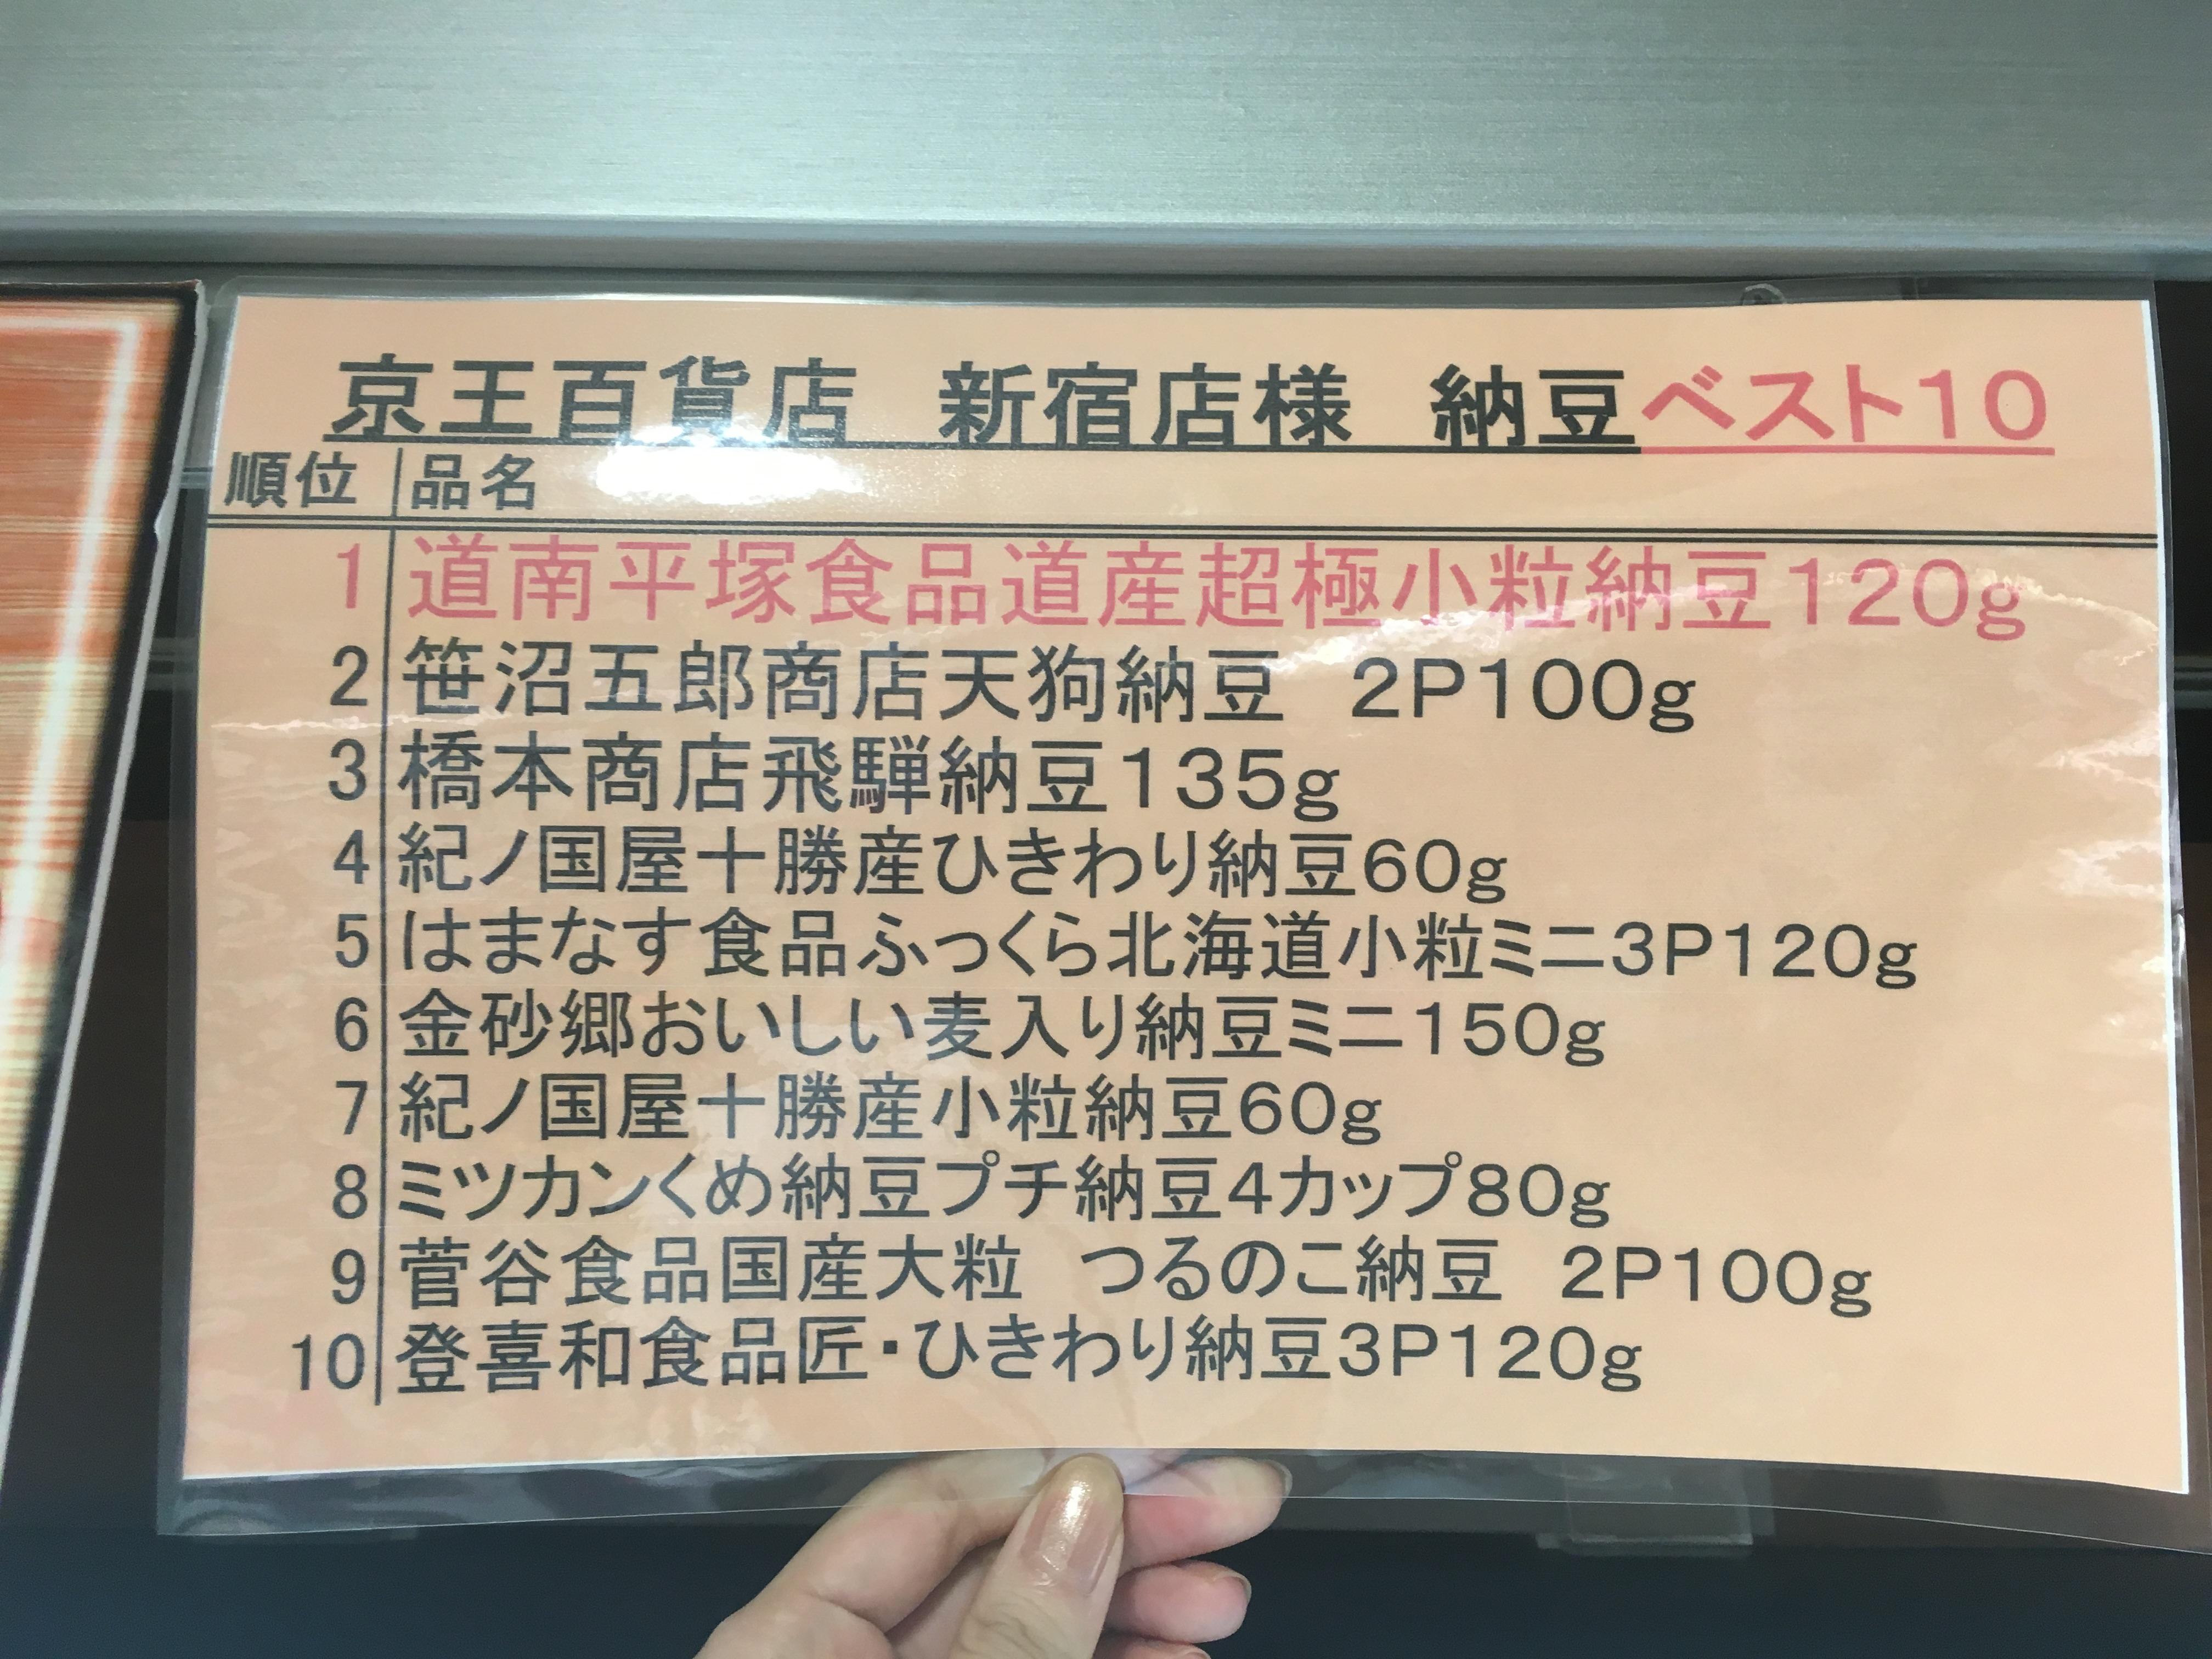 京王デパート納豆売り場